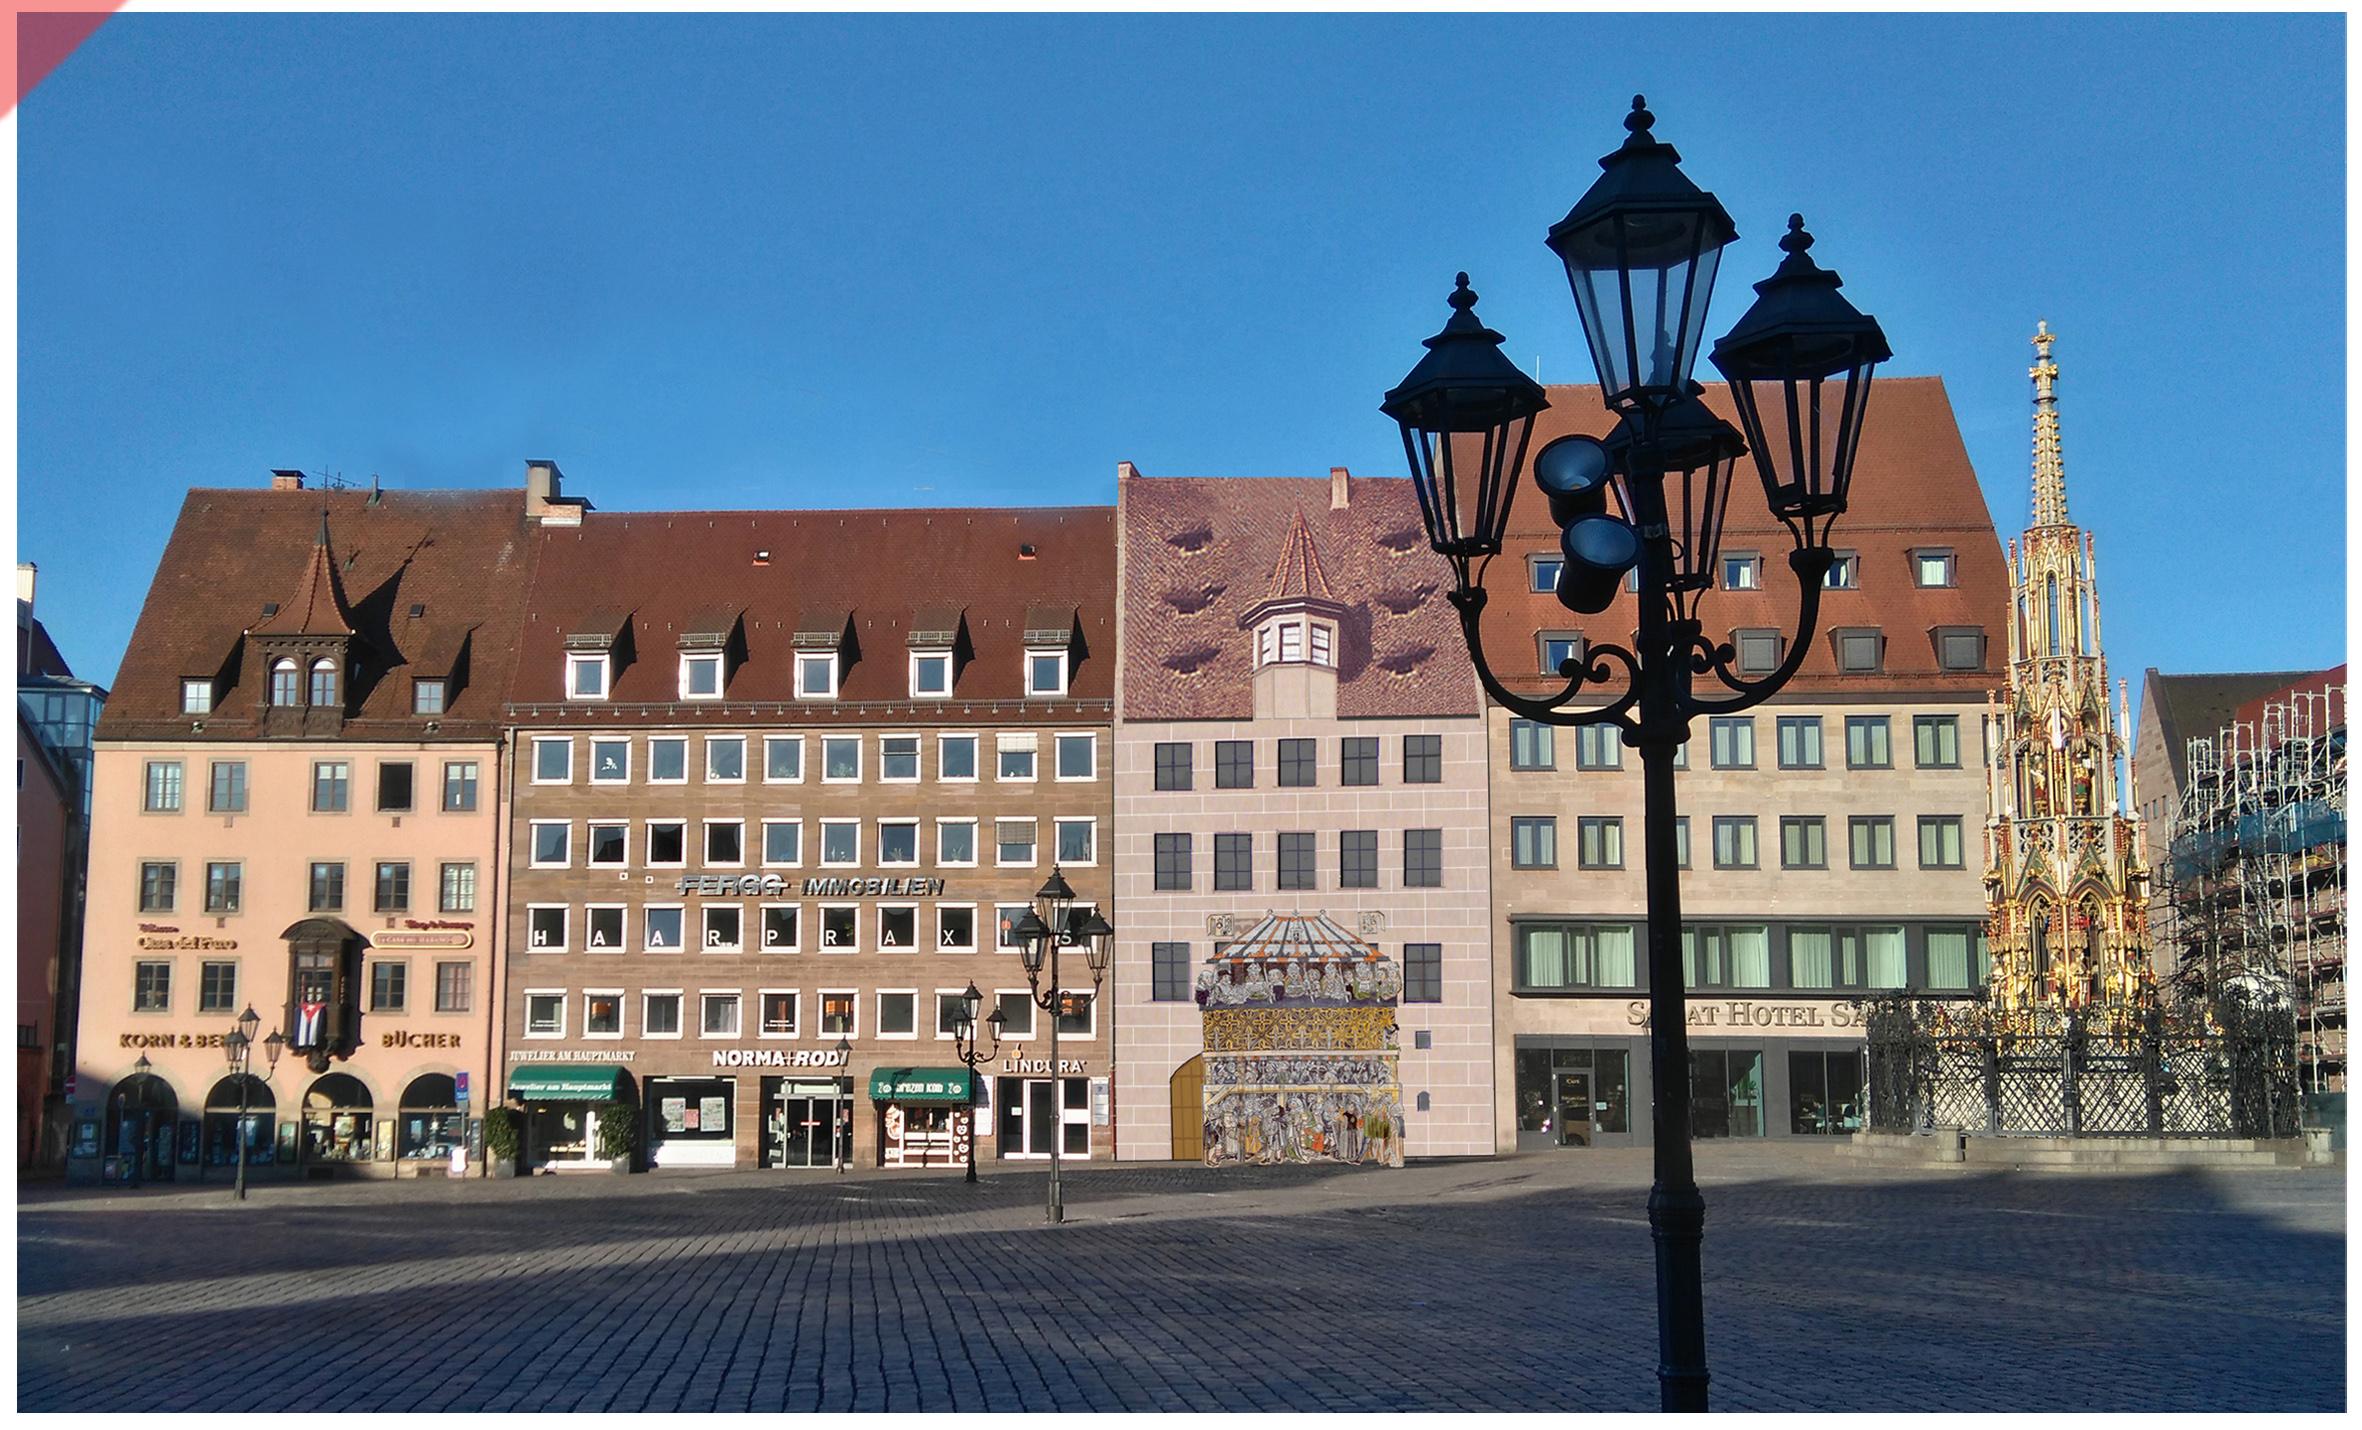 Heiltumsweisung-Nürnberg-Hauptmarkt-15-Schopper-Behaim-1424-1523-Rekonstruktion-Gebäude-3-Gebäudefront-Westseite-Panorama